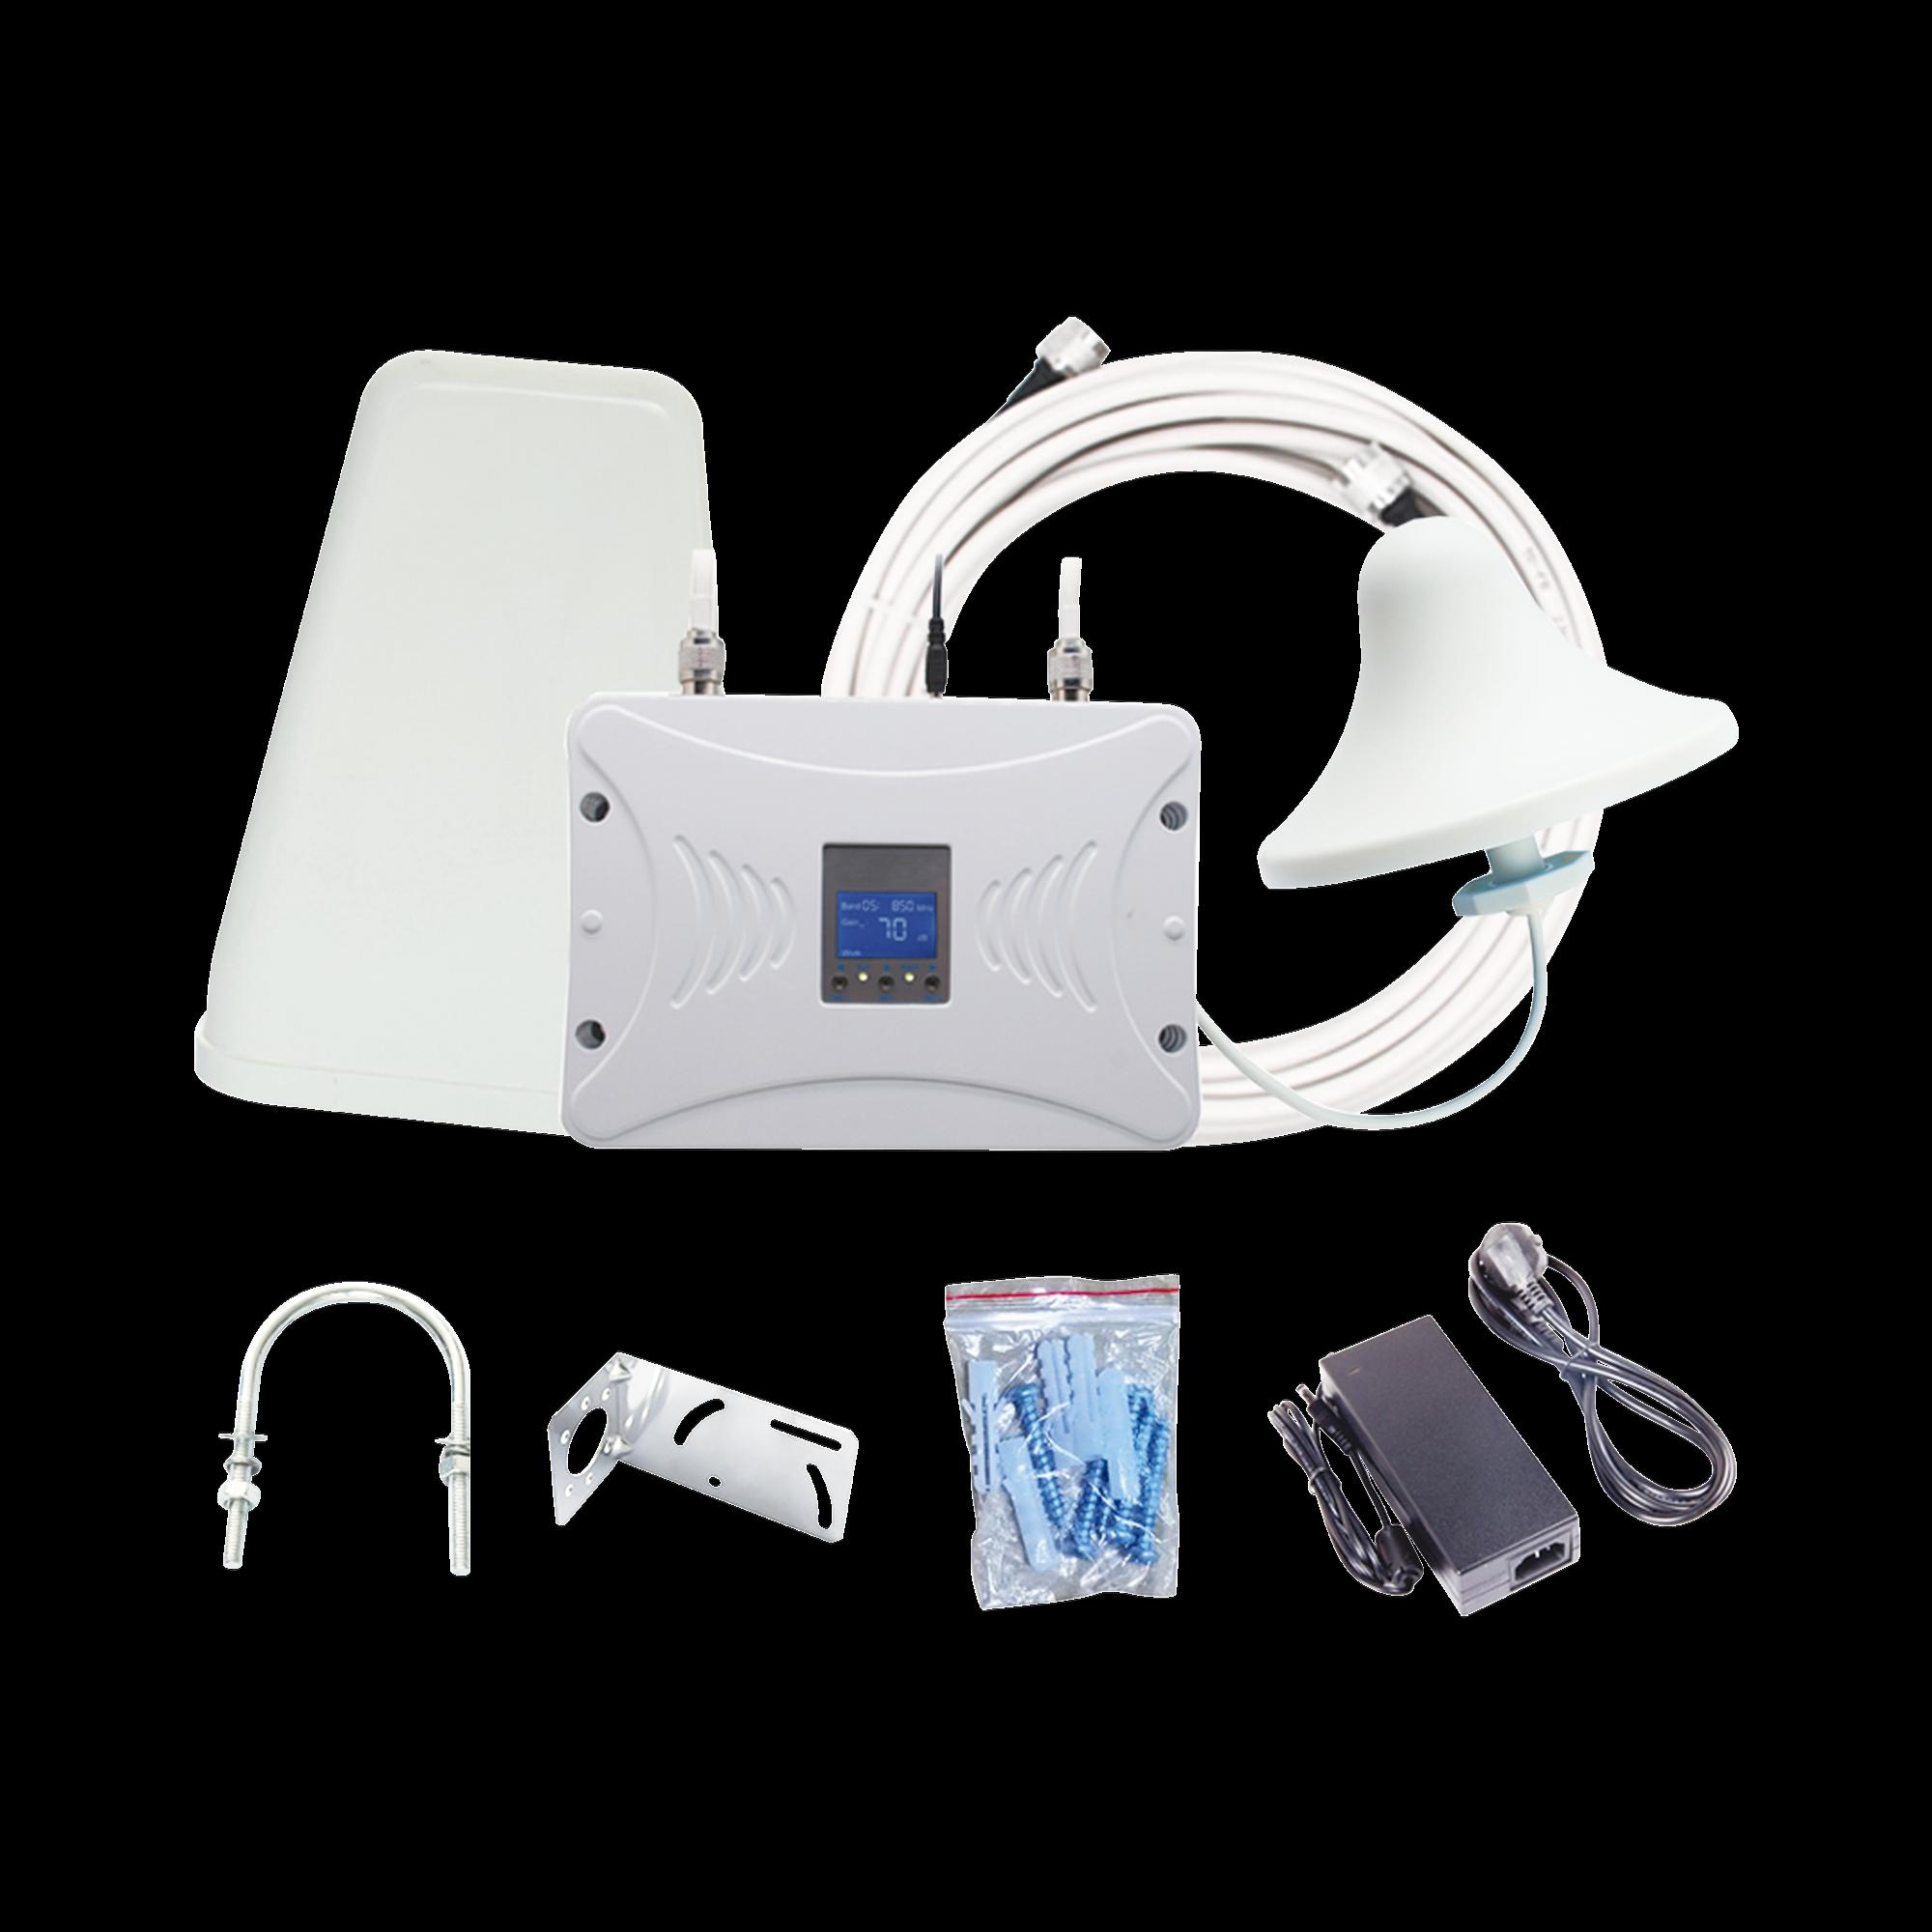 Kit Amplificador de Señal Celular 4.5G, 2600 MHz | Funciona con Todos los Operadores | Soporta Múltiples Dispositivos y Tecnologías | Hasta 1000 metros cuadrados de Cobertura